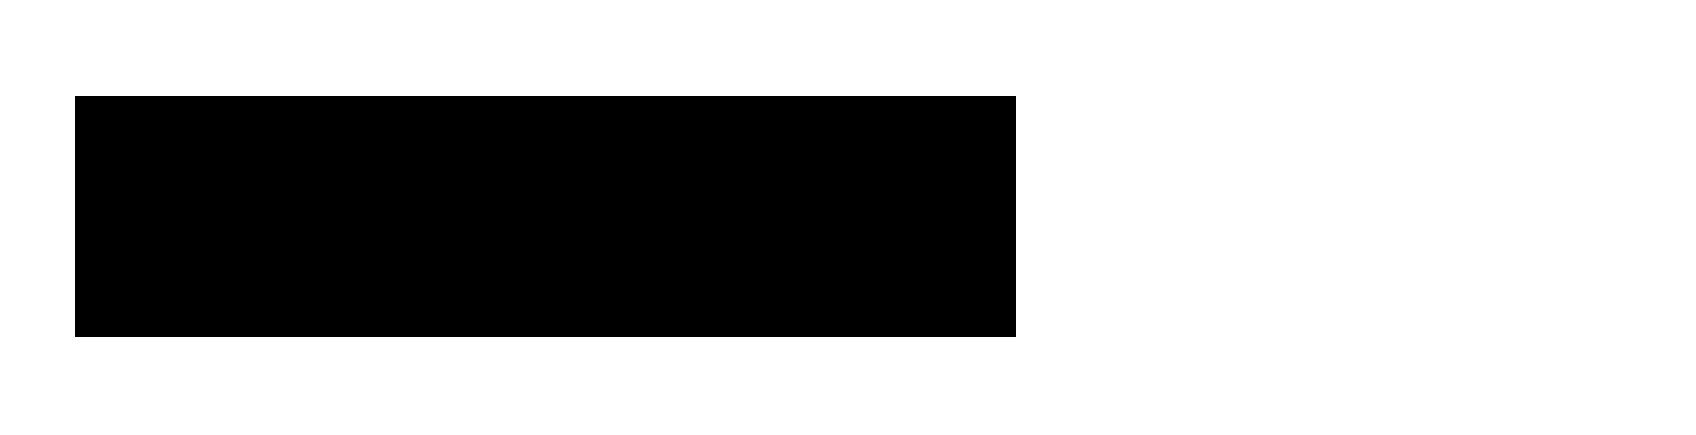 beiliwol